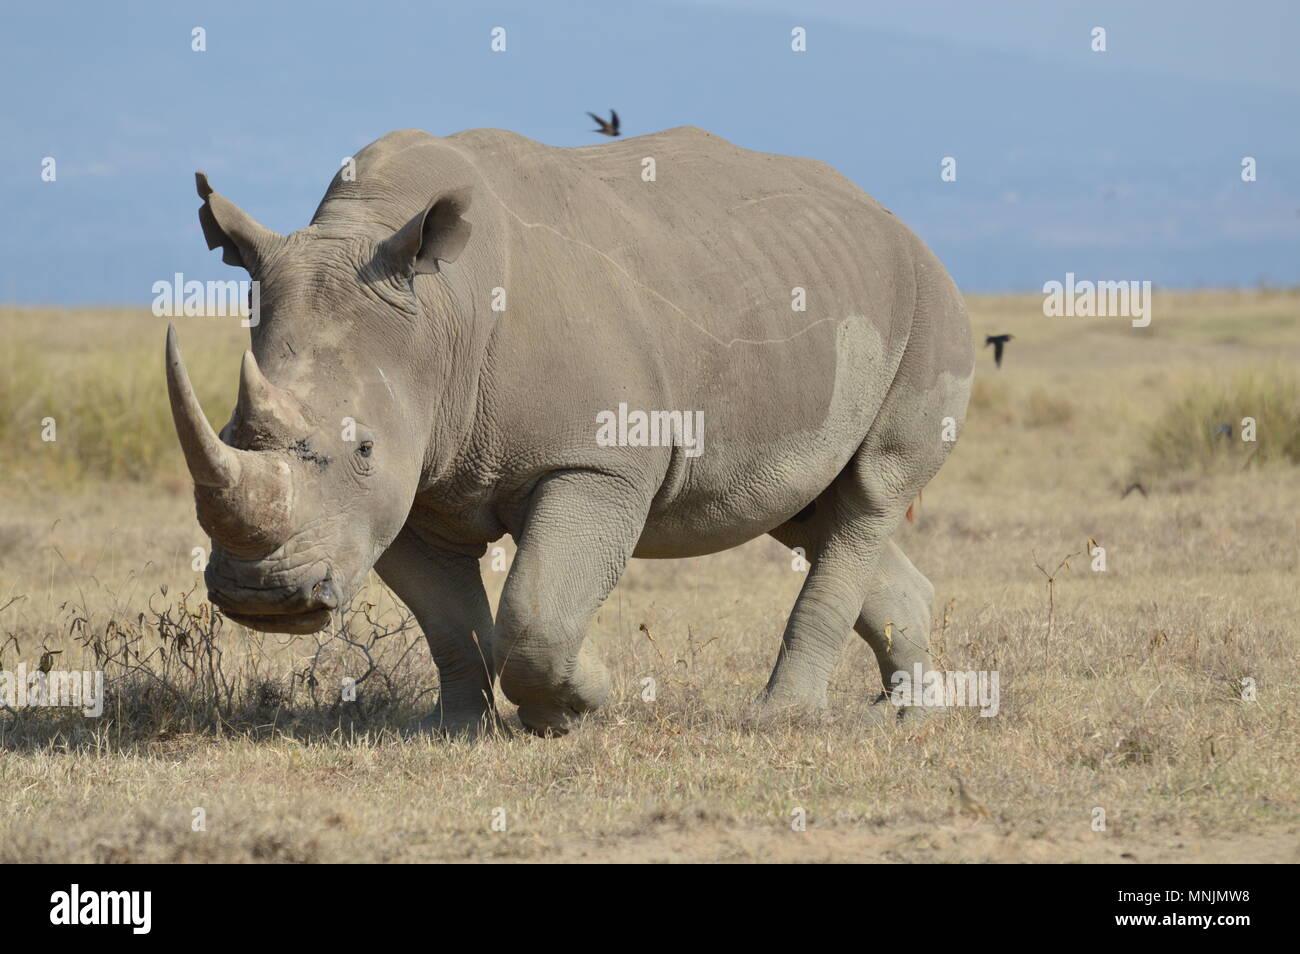 Adulto rhino con avvisatore acustico completo passeggiate a Nakuru National Park Immagini Stock